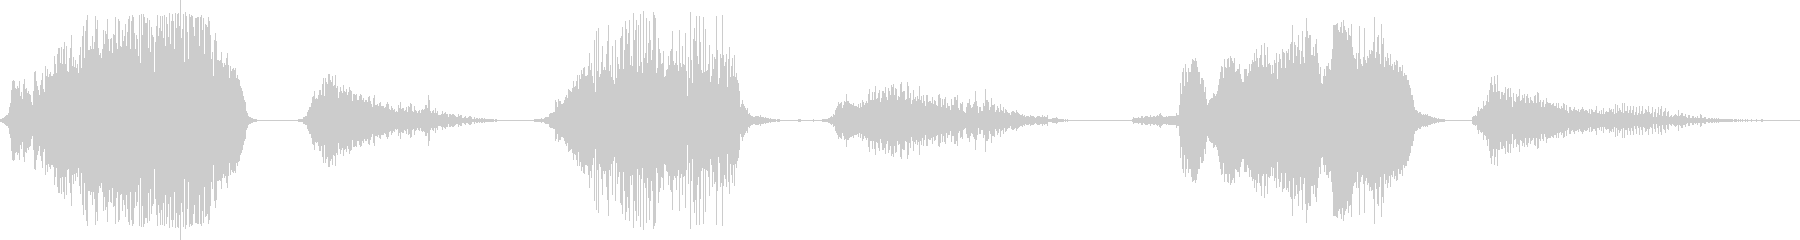 男のいびき(口を閉じた状態)の未再生の波形